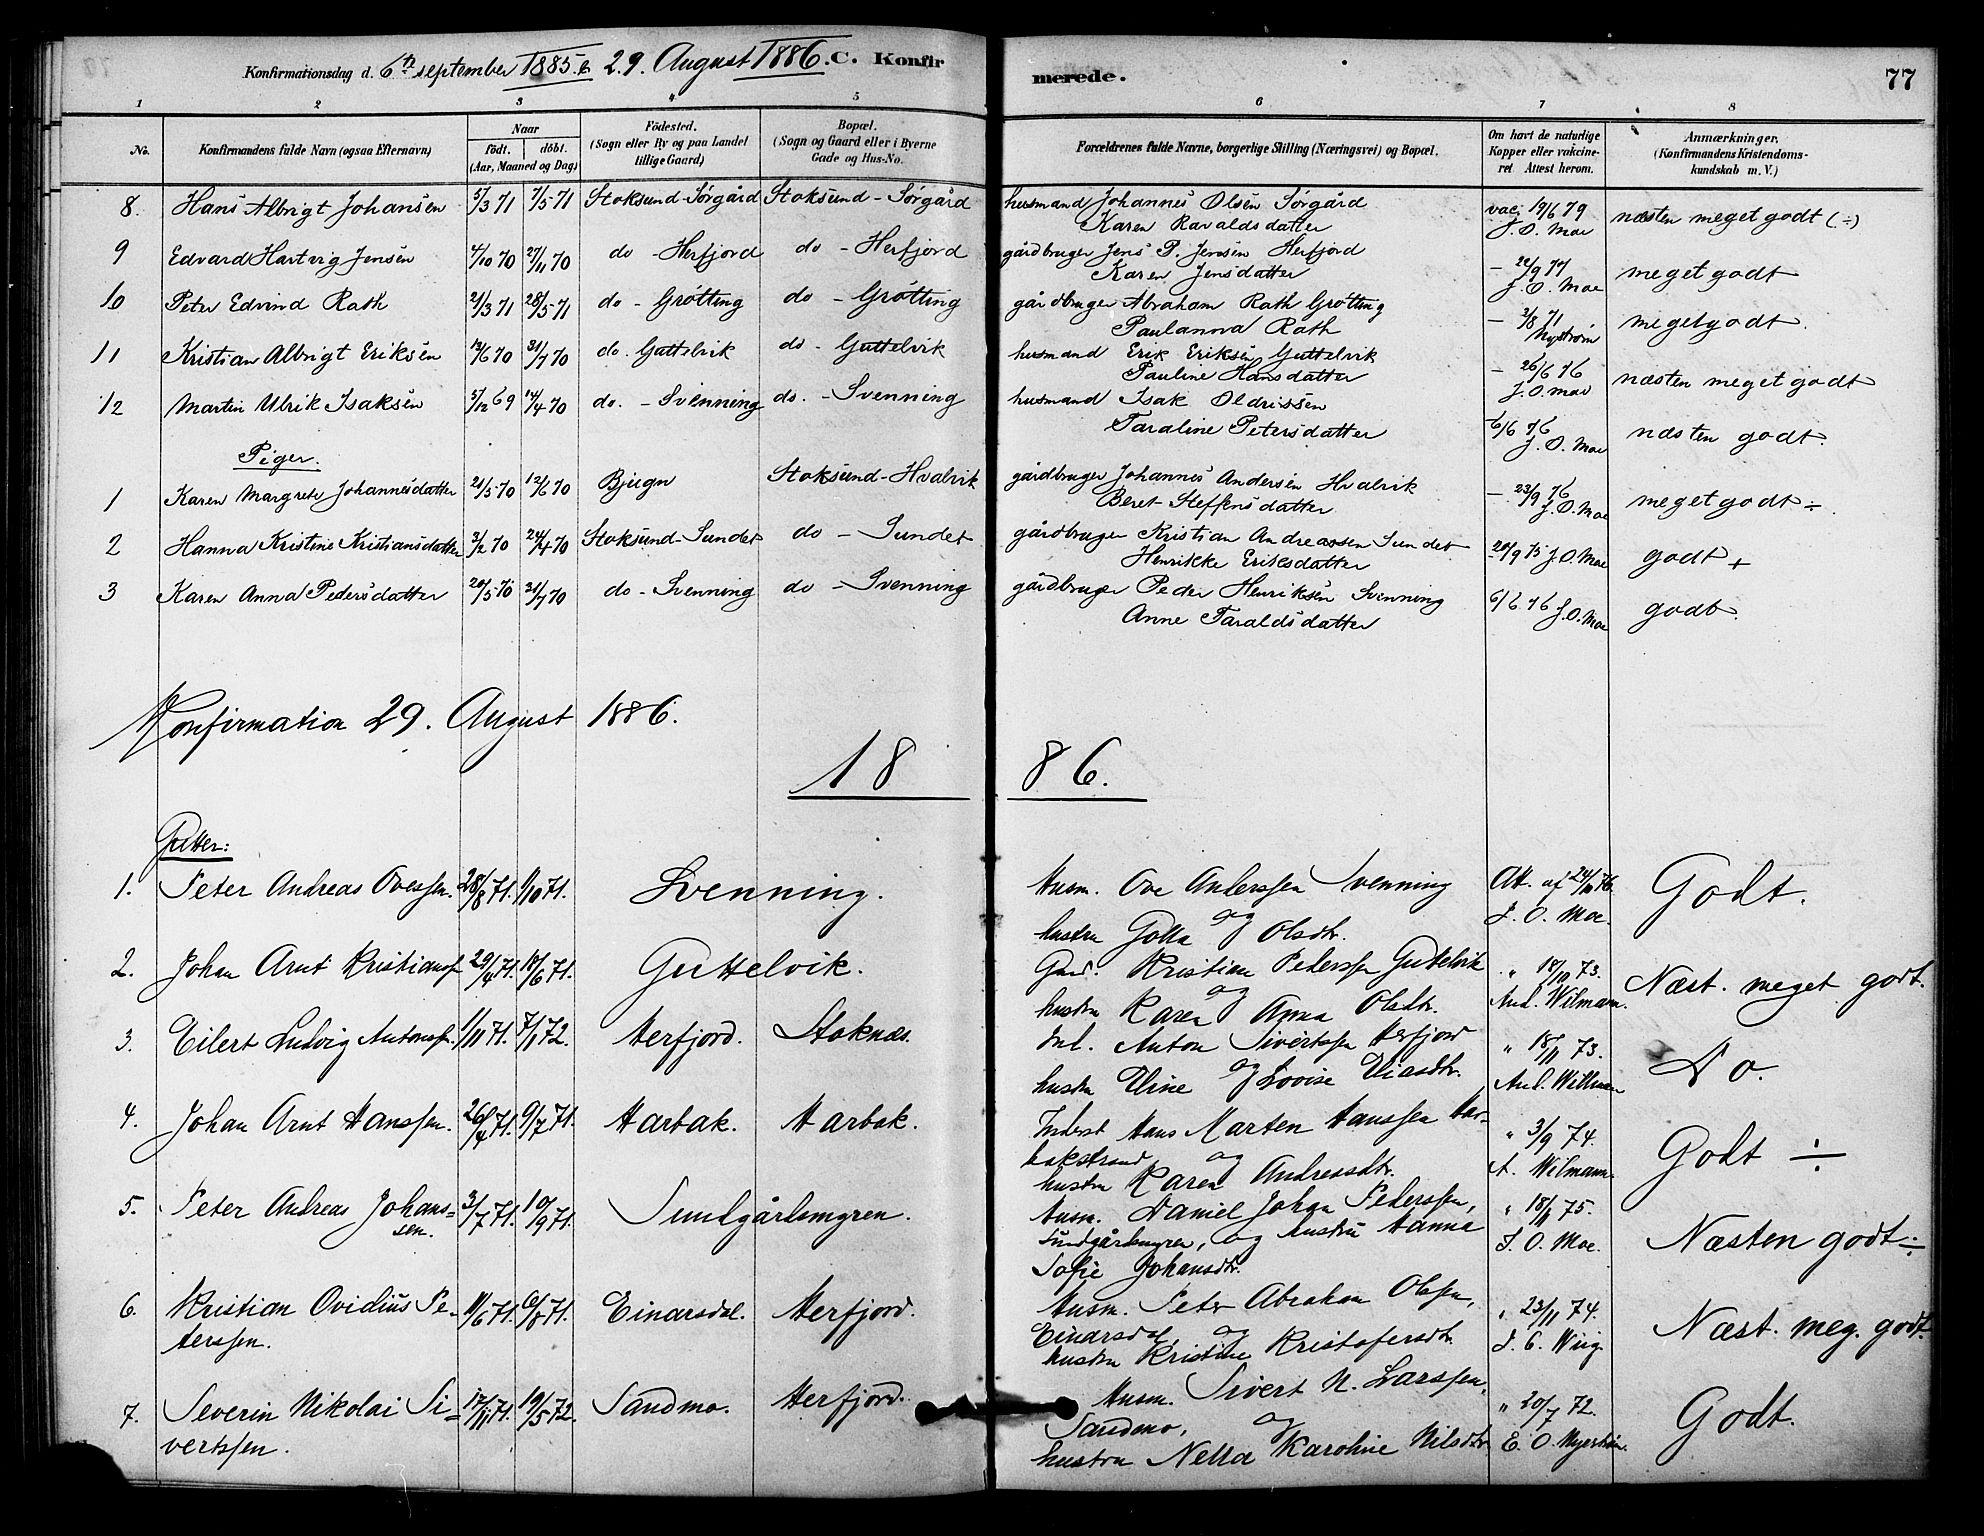 SAT, Ministerialprotokoller, klokkerbøker og fødselsregistre - Sør-Trøndelag, 656/L0692: Ministerialbok nr. 656A01, 1879-1893, s. 77